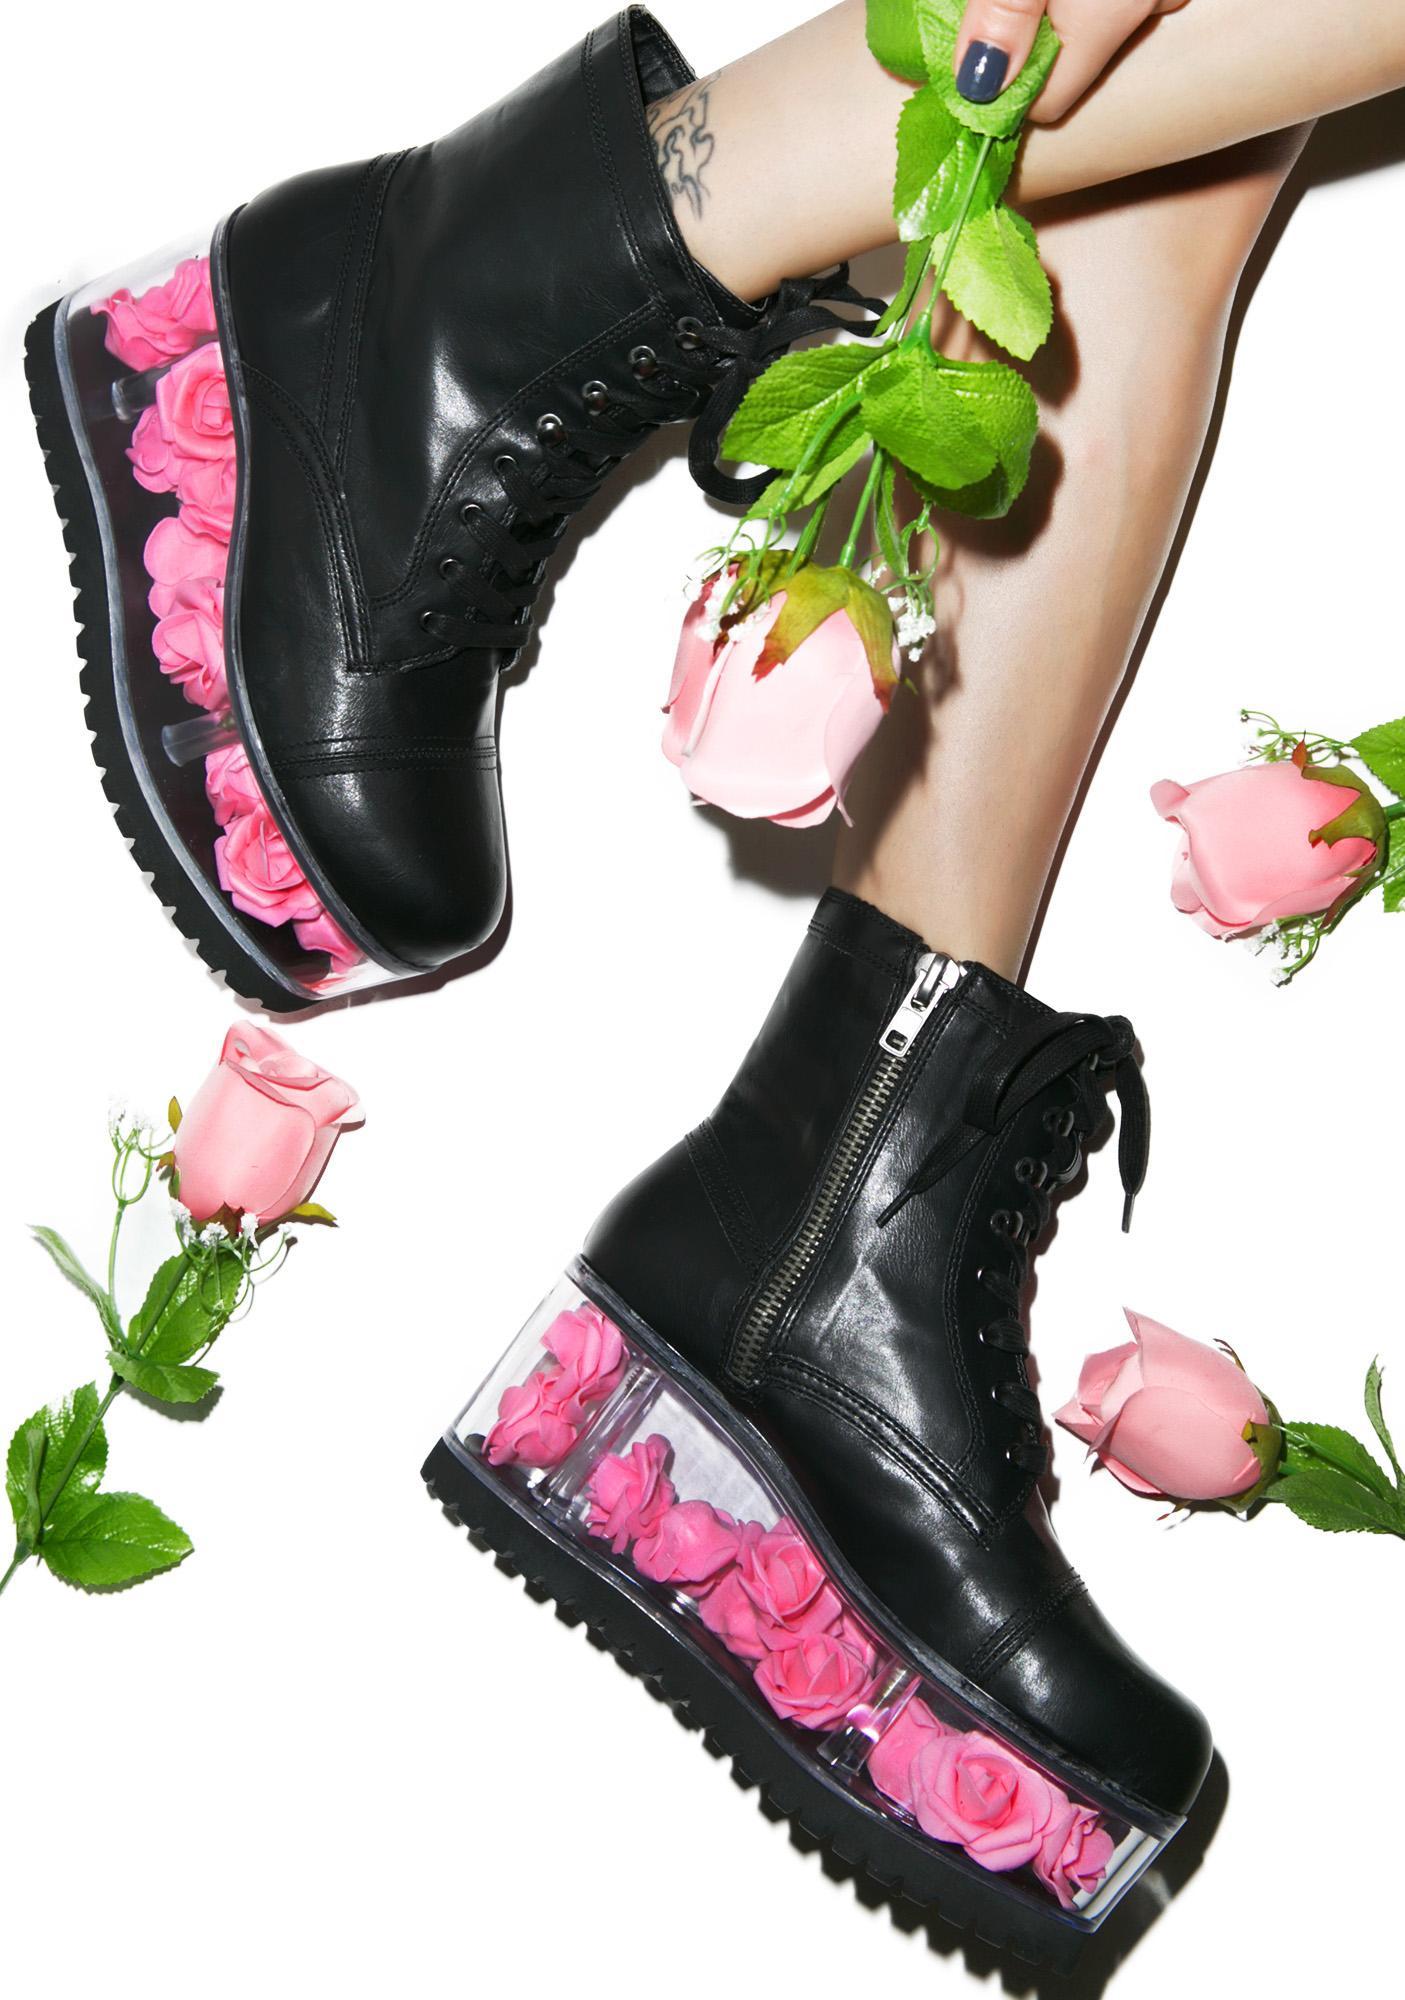 Y.R.U. G.I. Rose Platform Boots